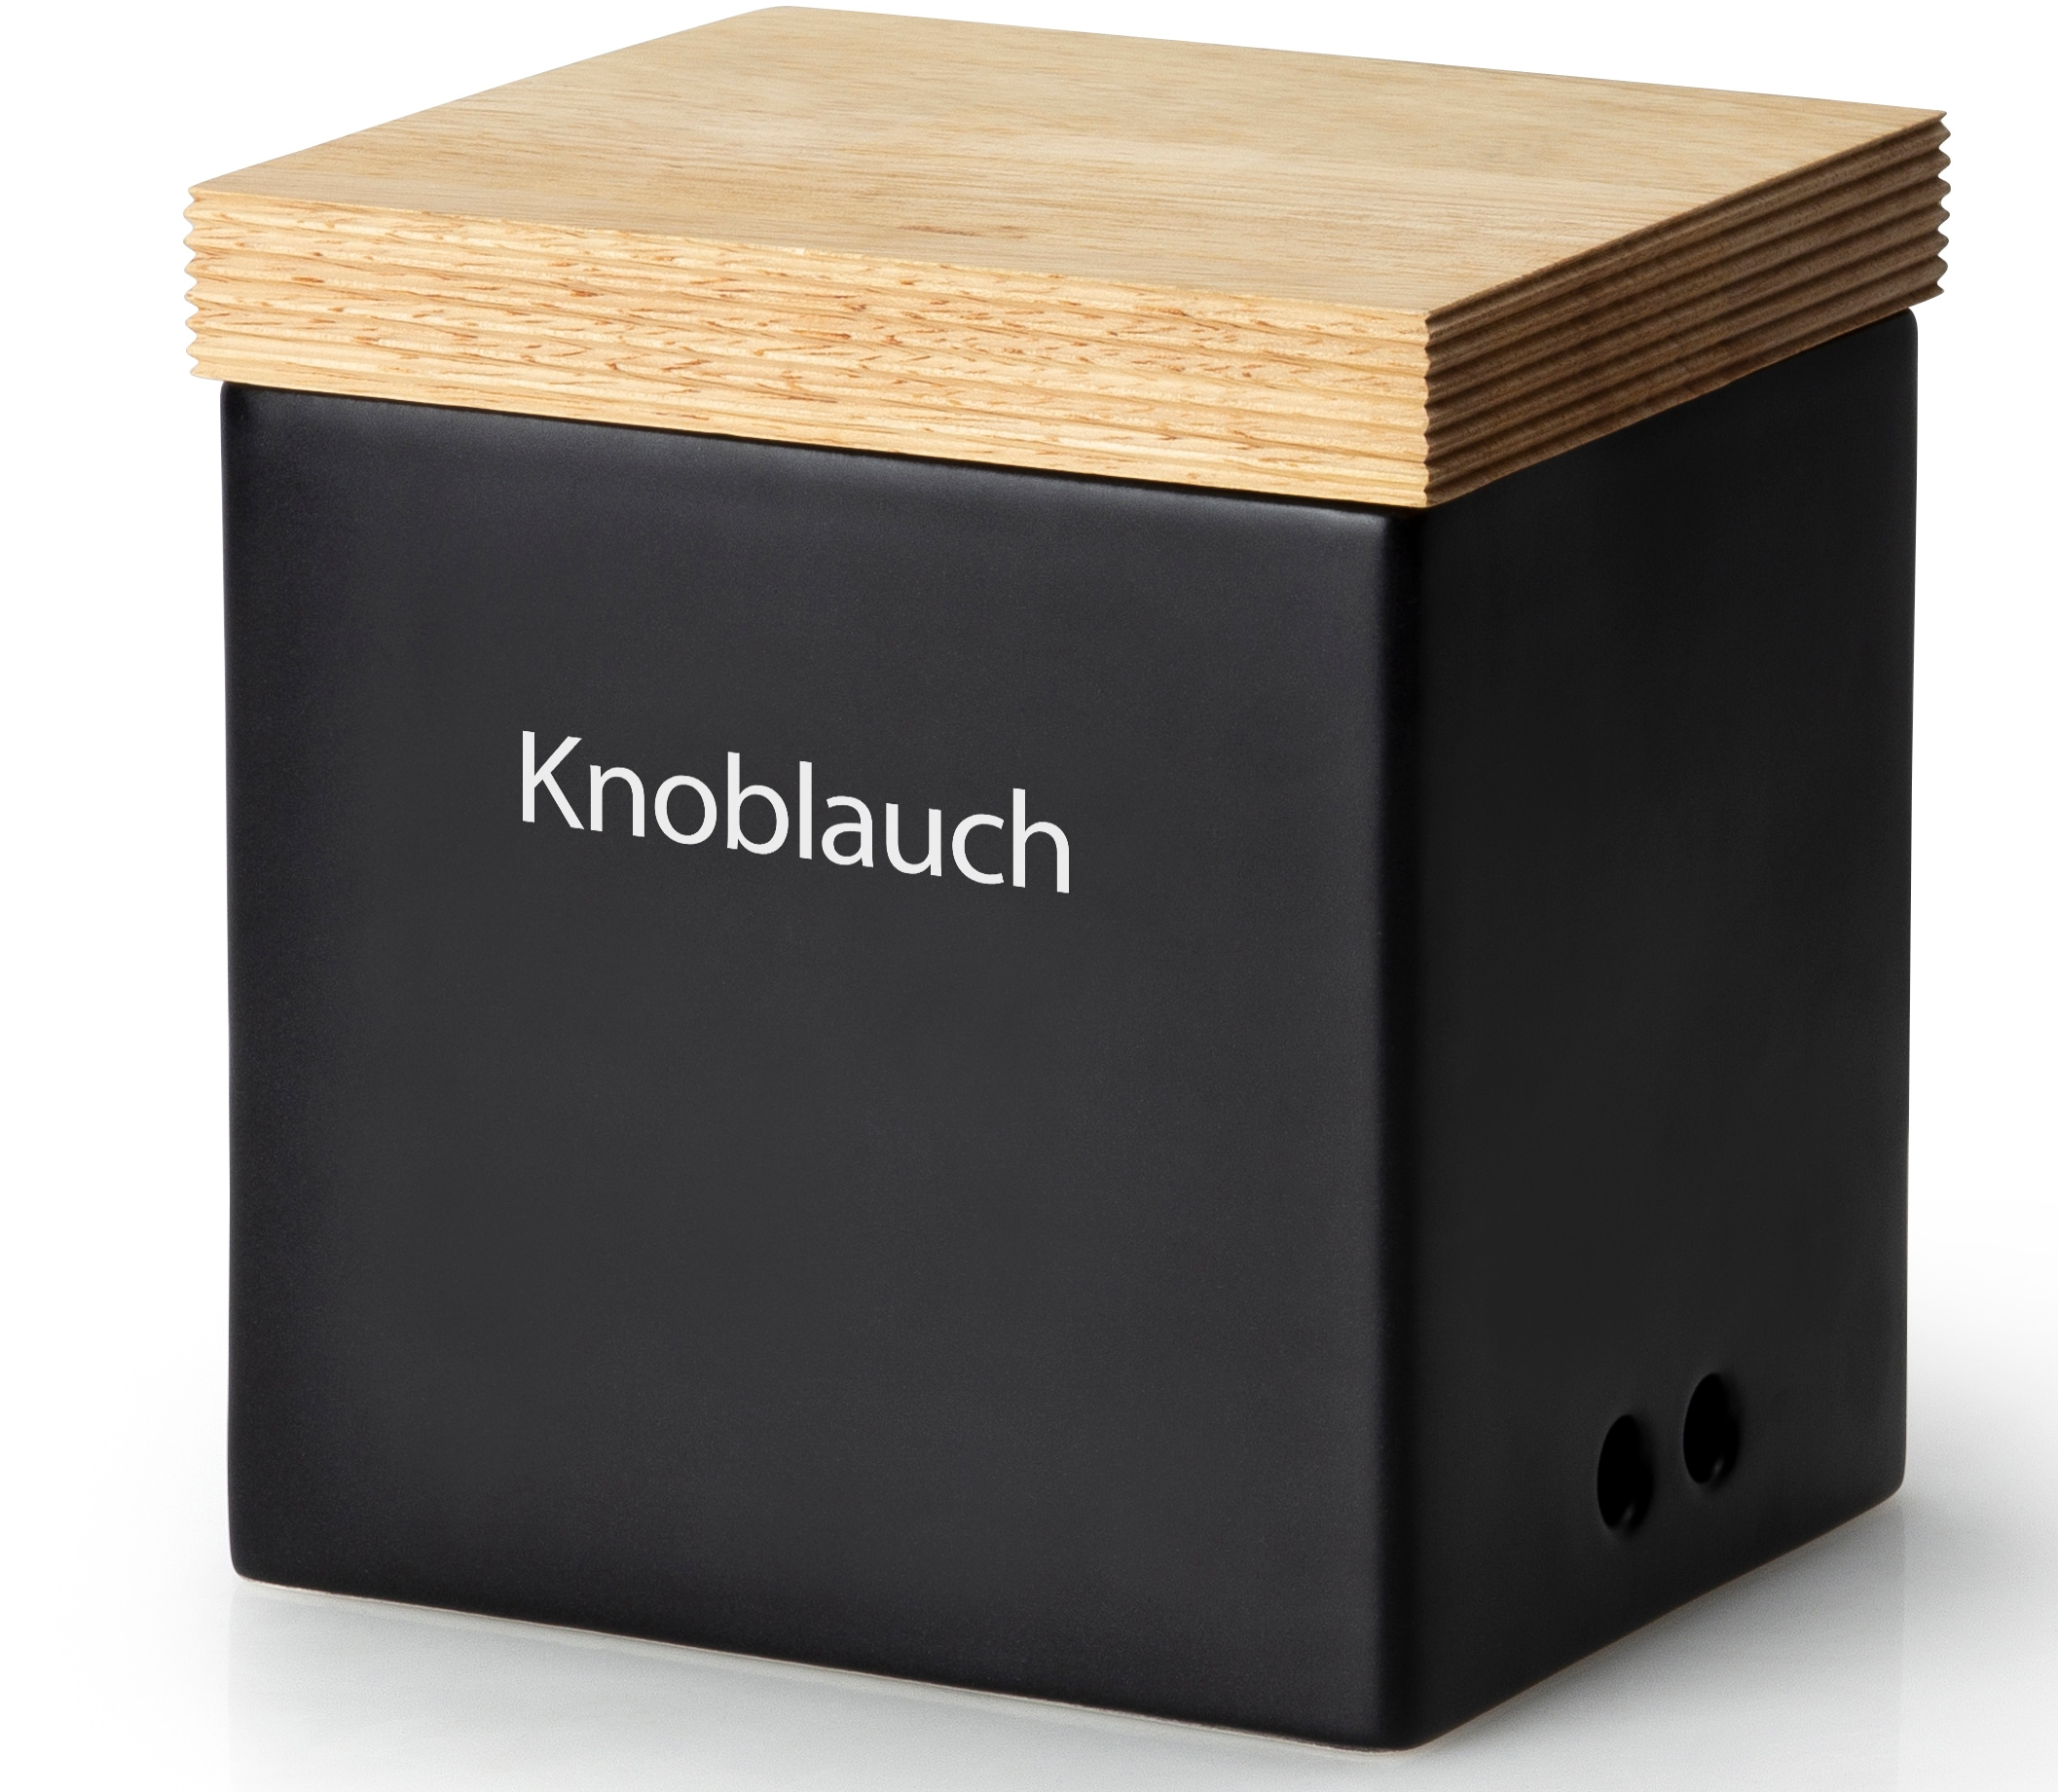 Continenta Vorratsdose, (1 tlg.), Knoblauchtopf schwarz Aufbewahrung Küchenhelfer Haushaltswaren Vorratsdose